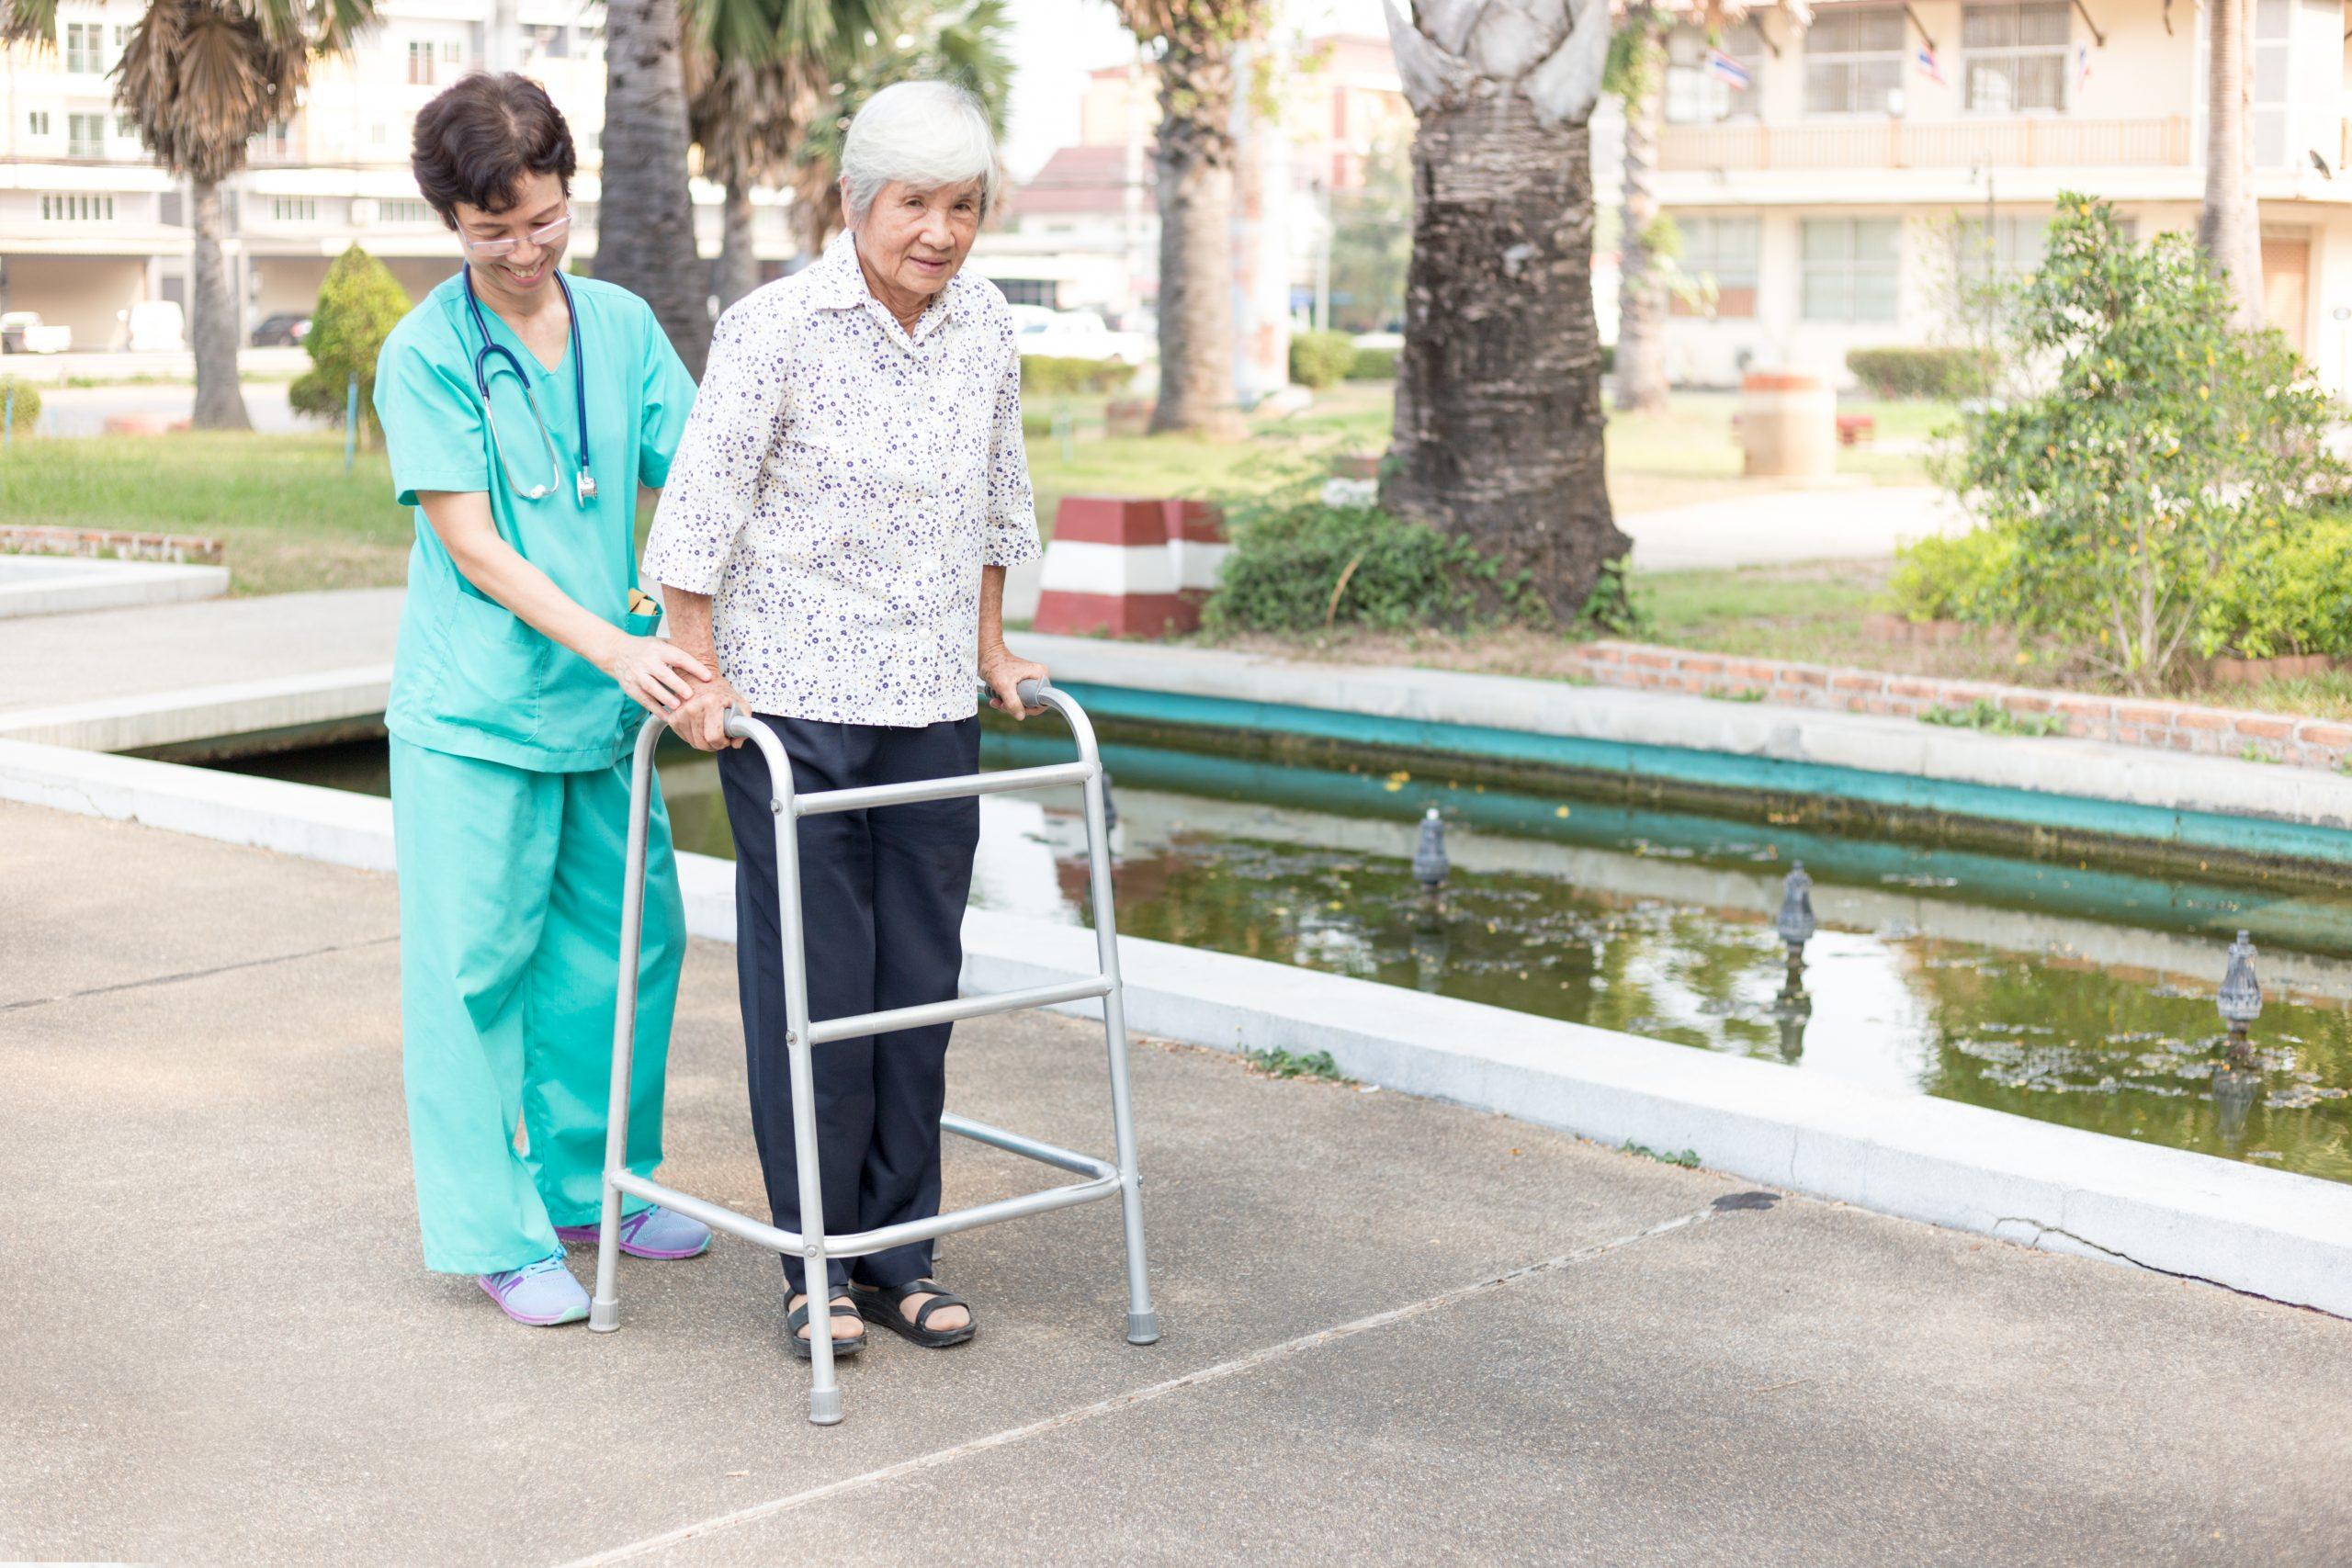 Seniors' Care